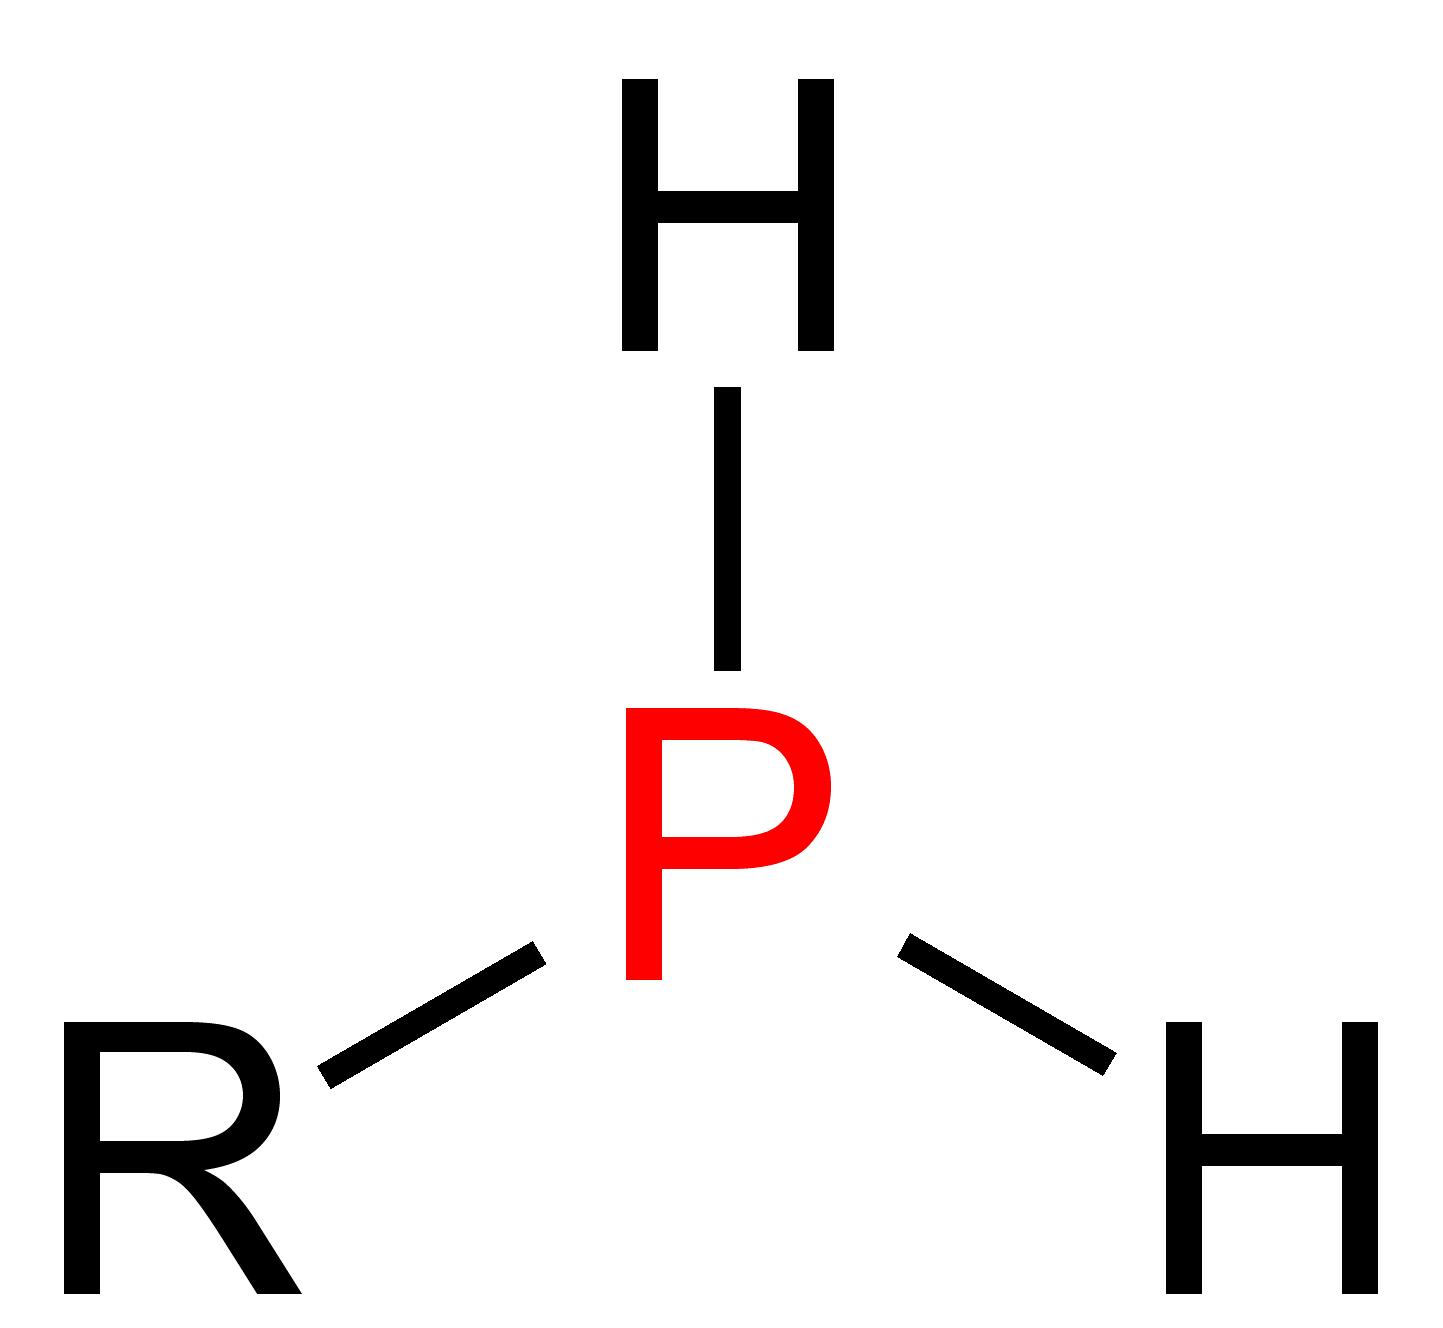 File:Prim. Phosphine Structural Formulae V.1.png - Wikipedia